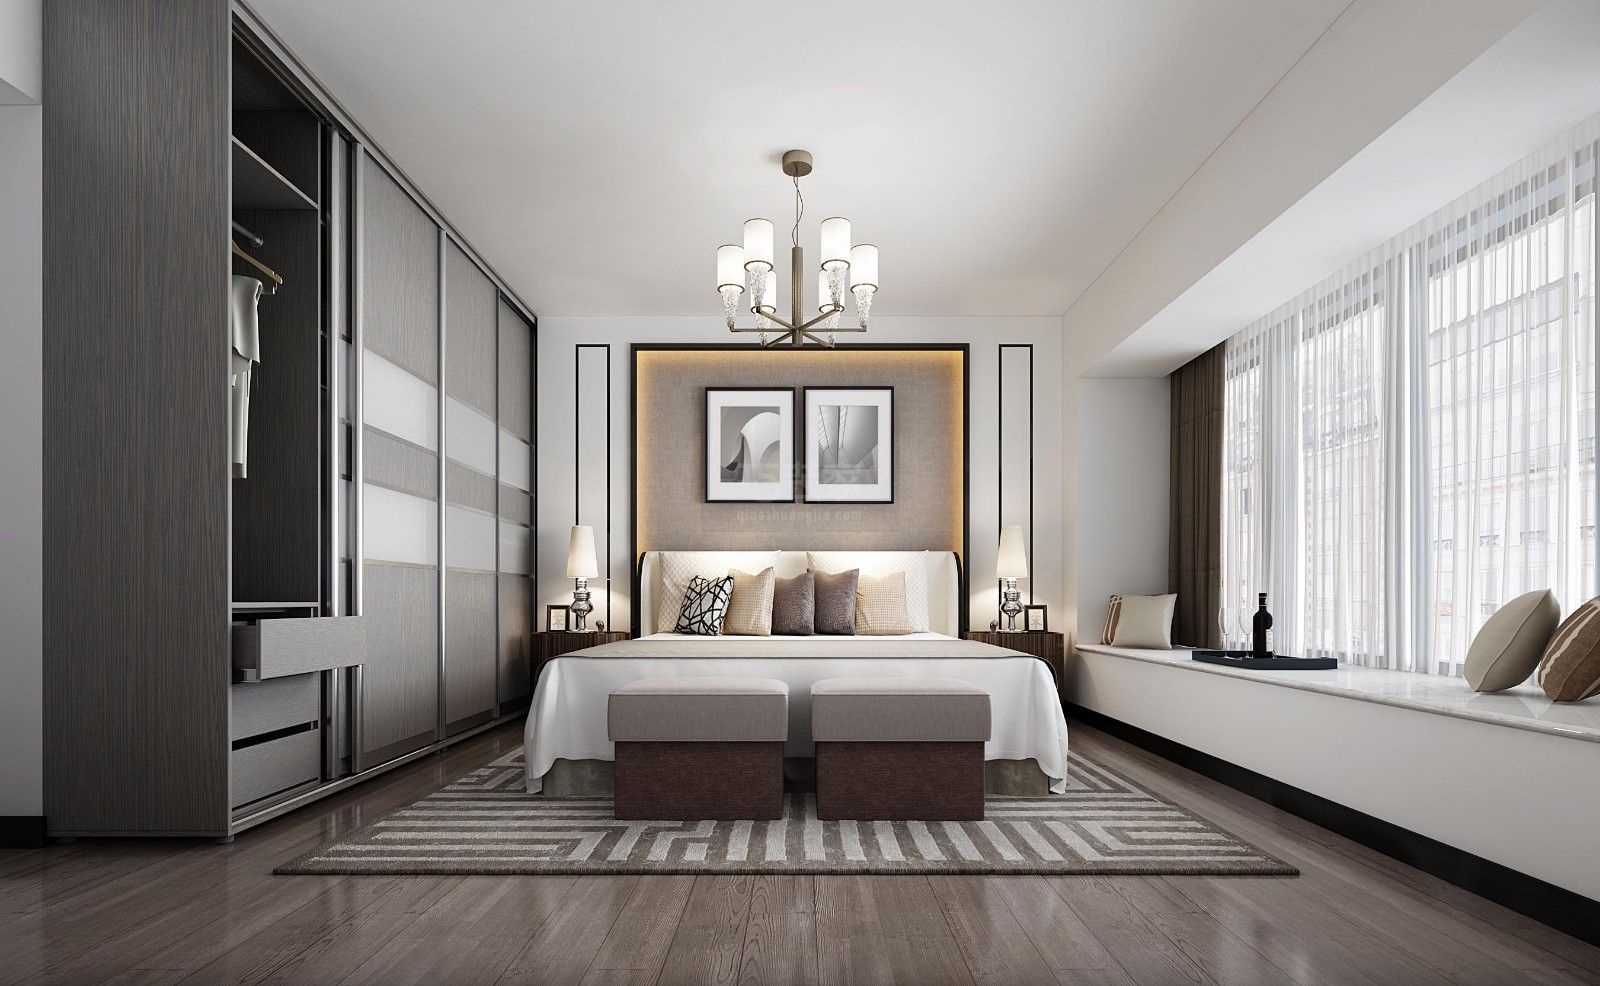 今朝装饰 西安装修 装修案例 设计师 卧室图片来自西安今朝装饰小何在白桦林明天现代简约风格装修的分享